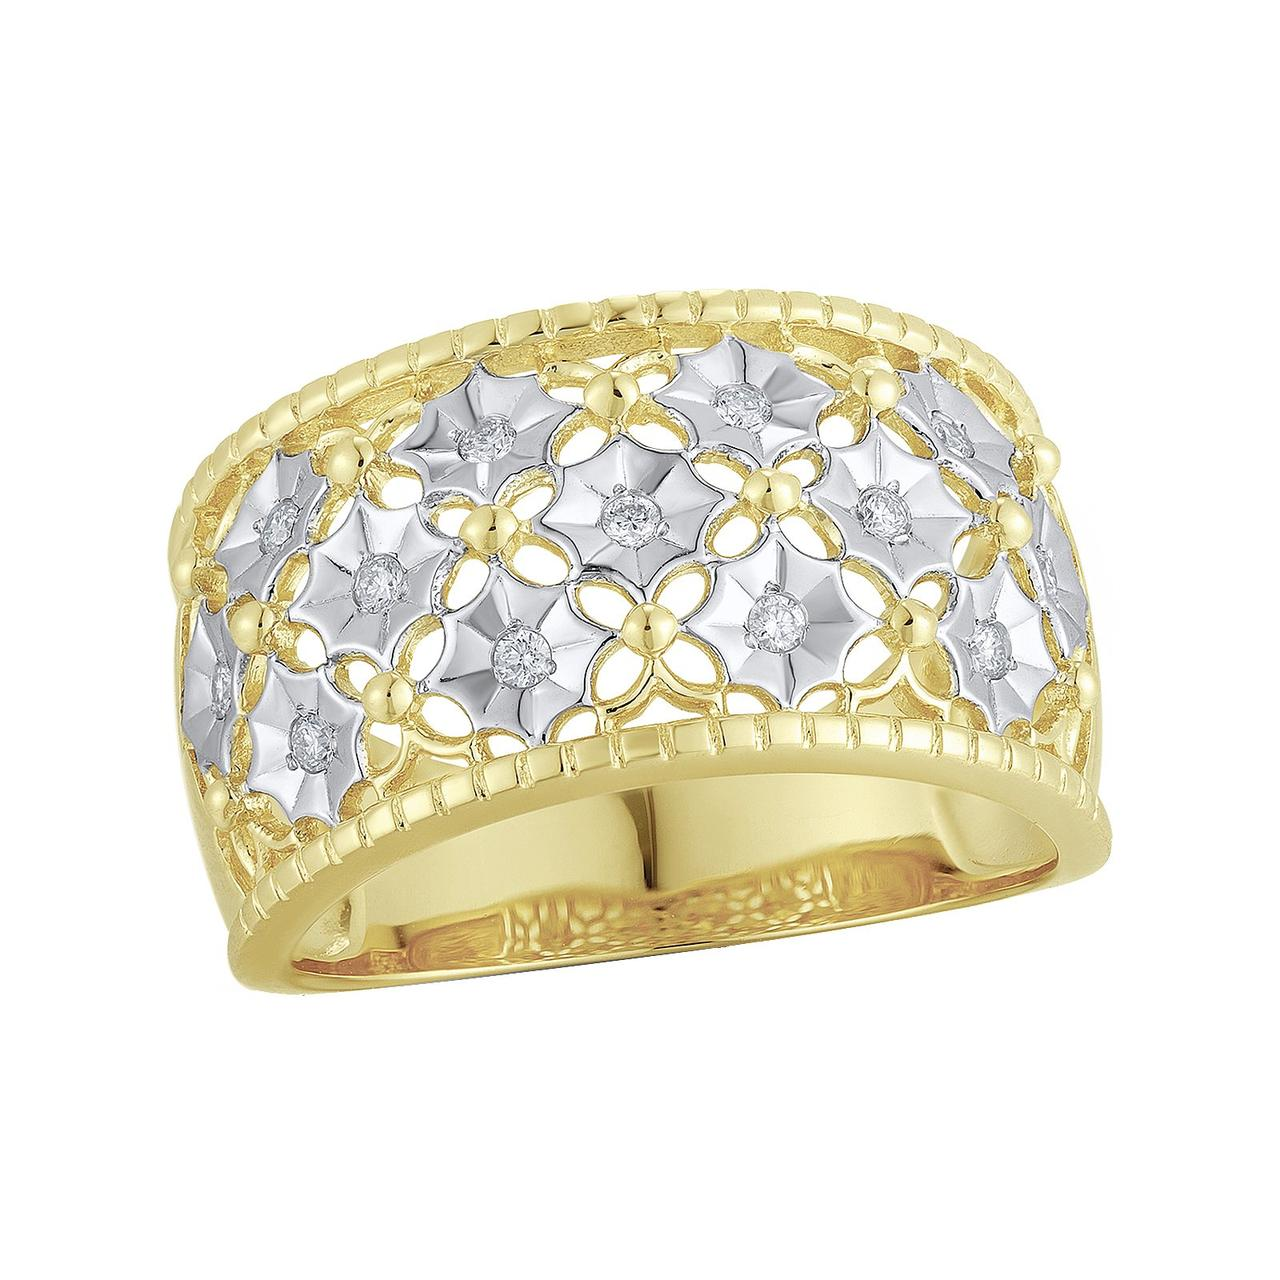 Золотое кольцо с бриллиантами, размер 18.5 (813728)